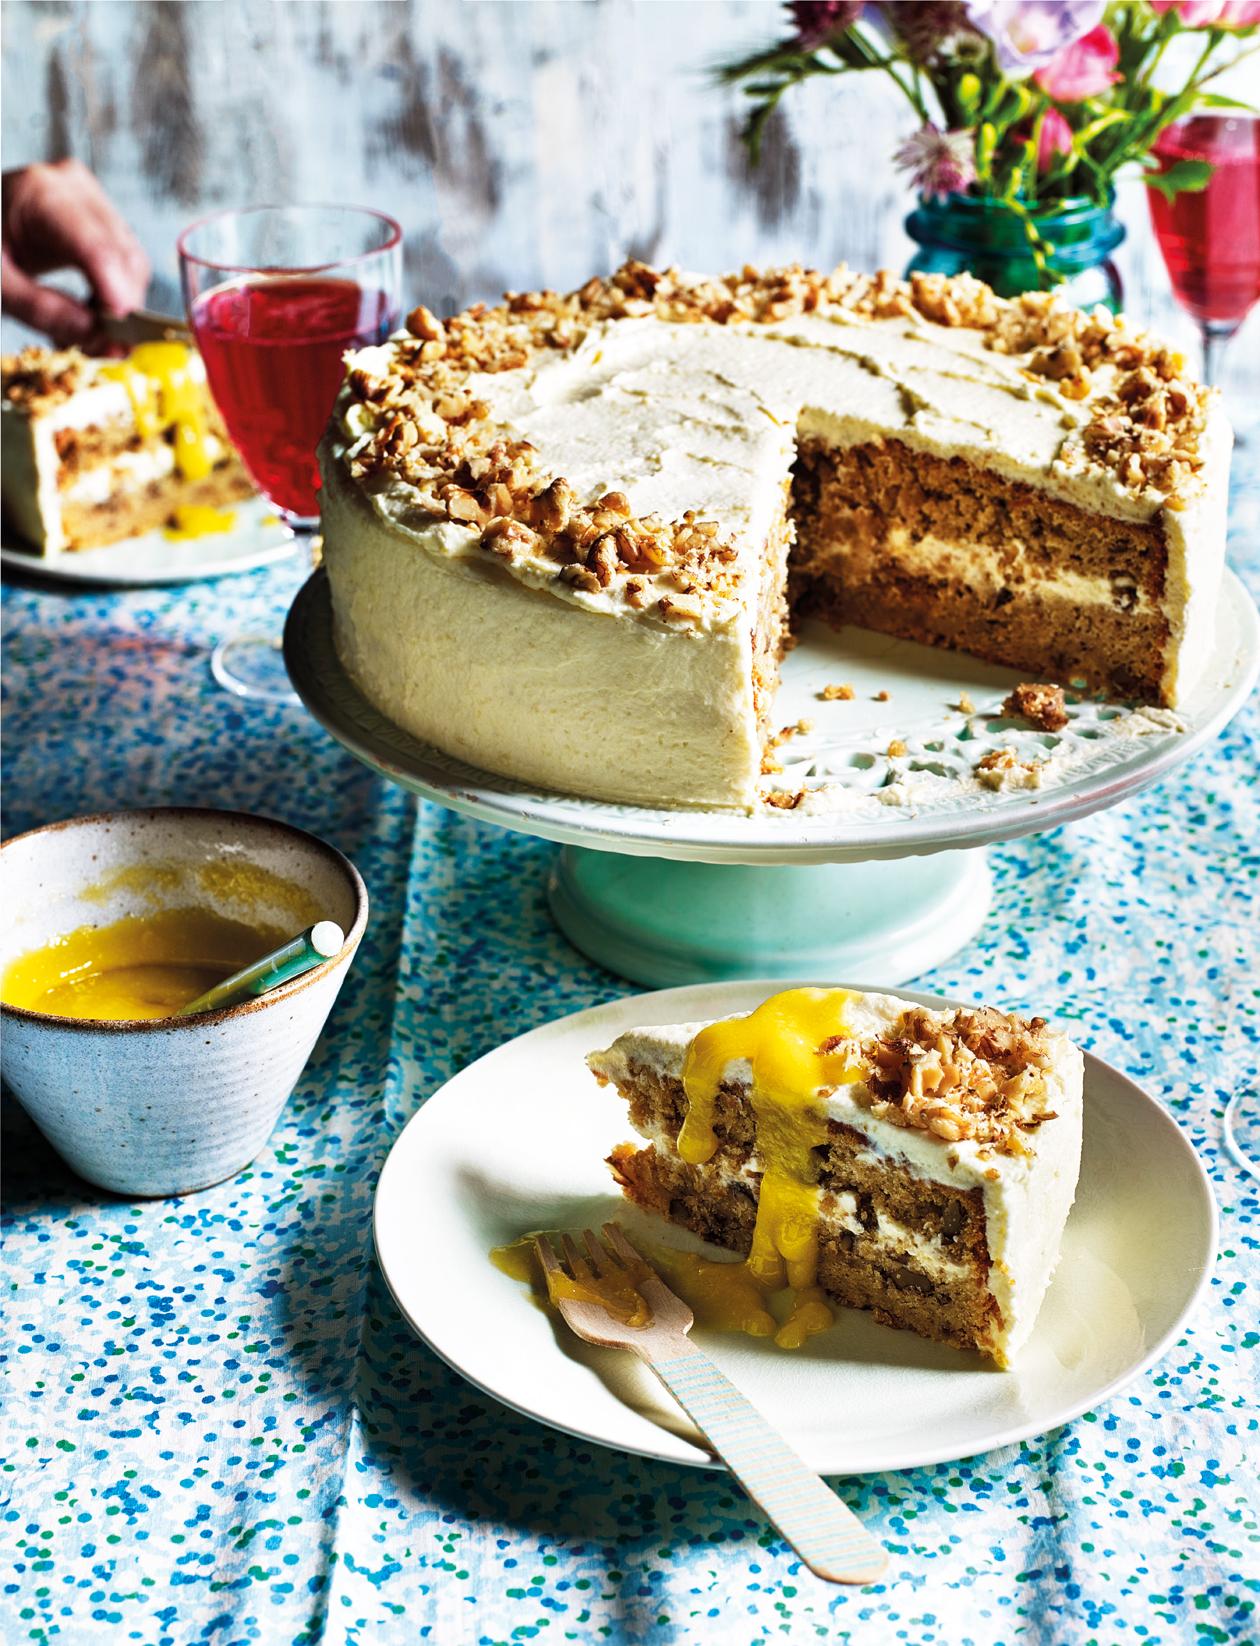 Parsnip and white chocolate cake recipe Sainsbury s Magazine